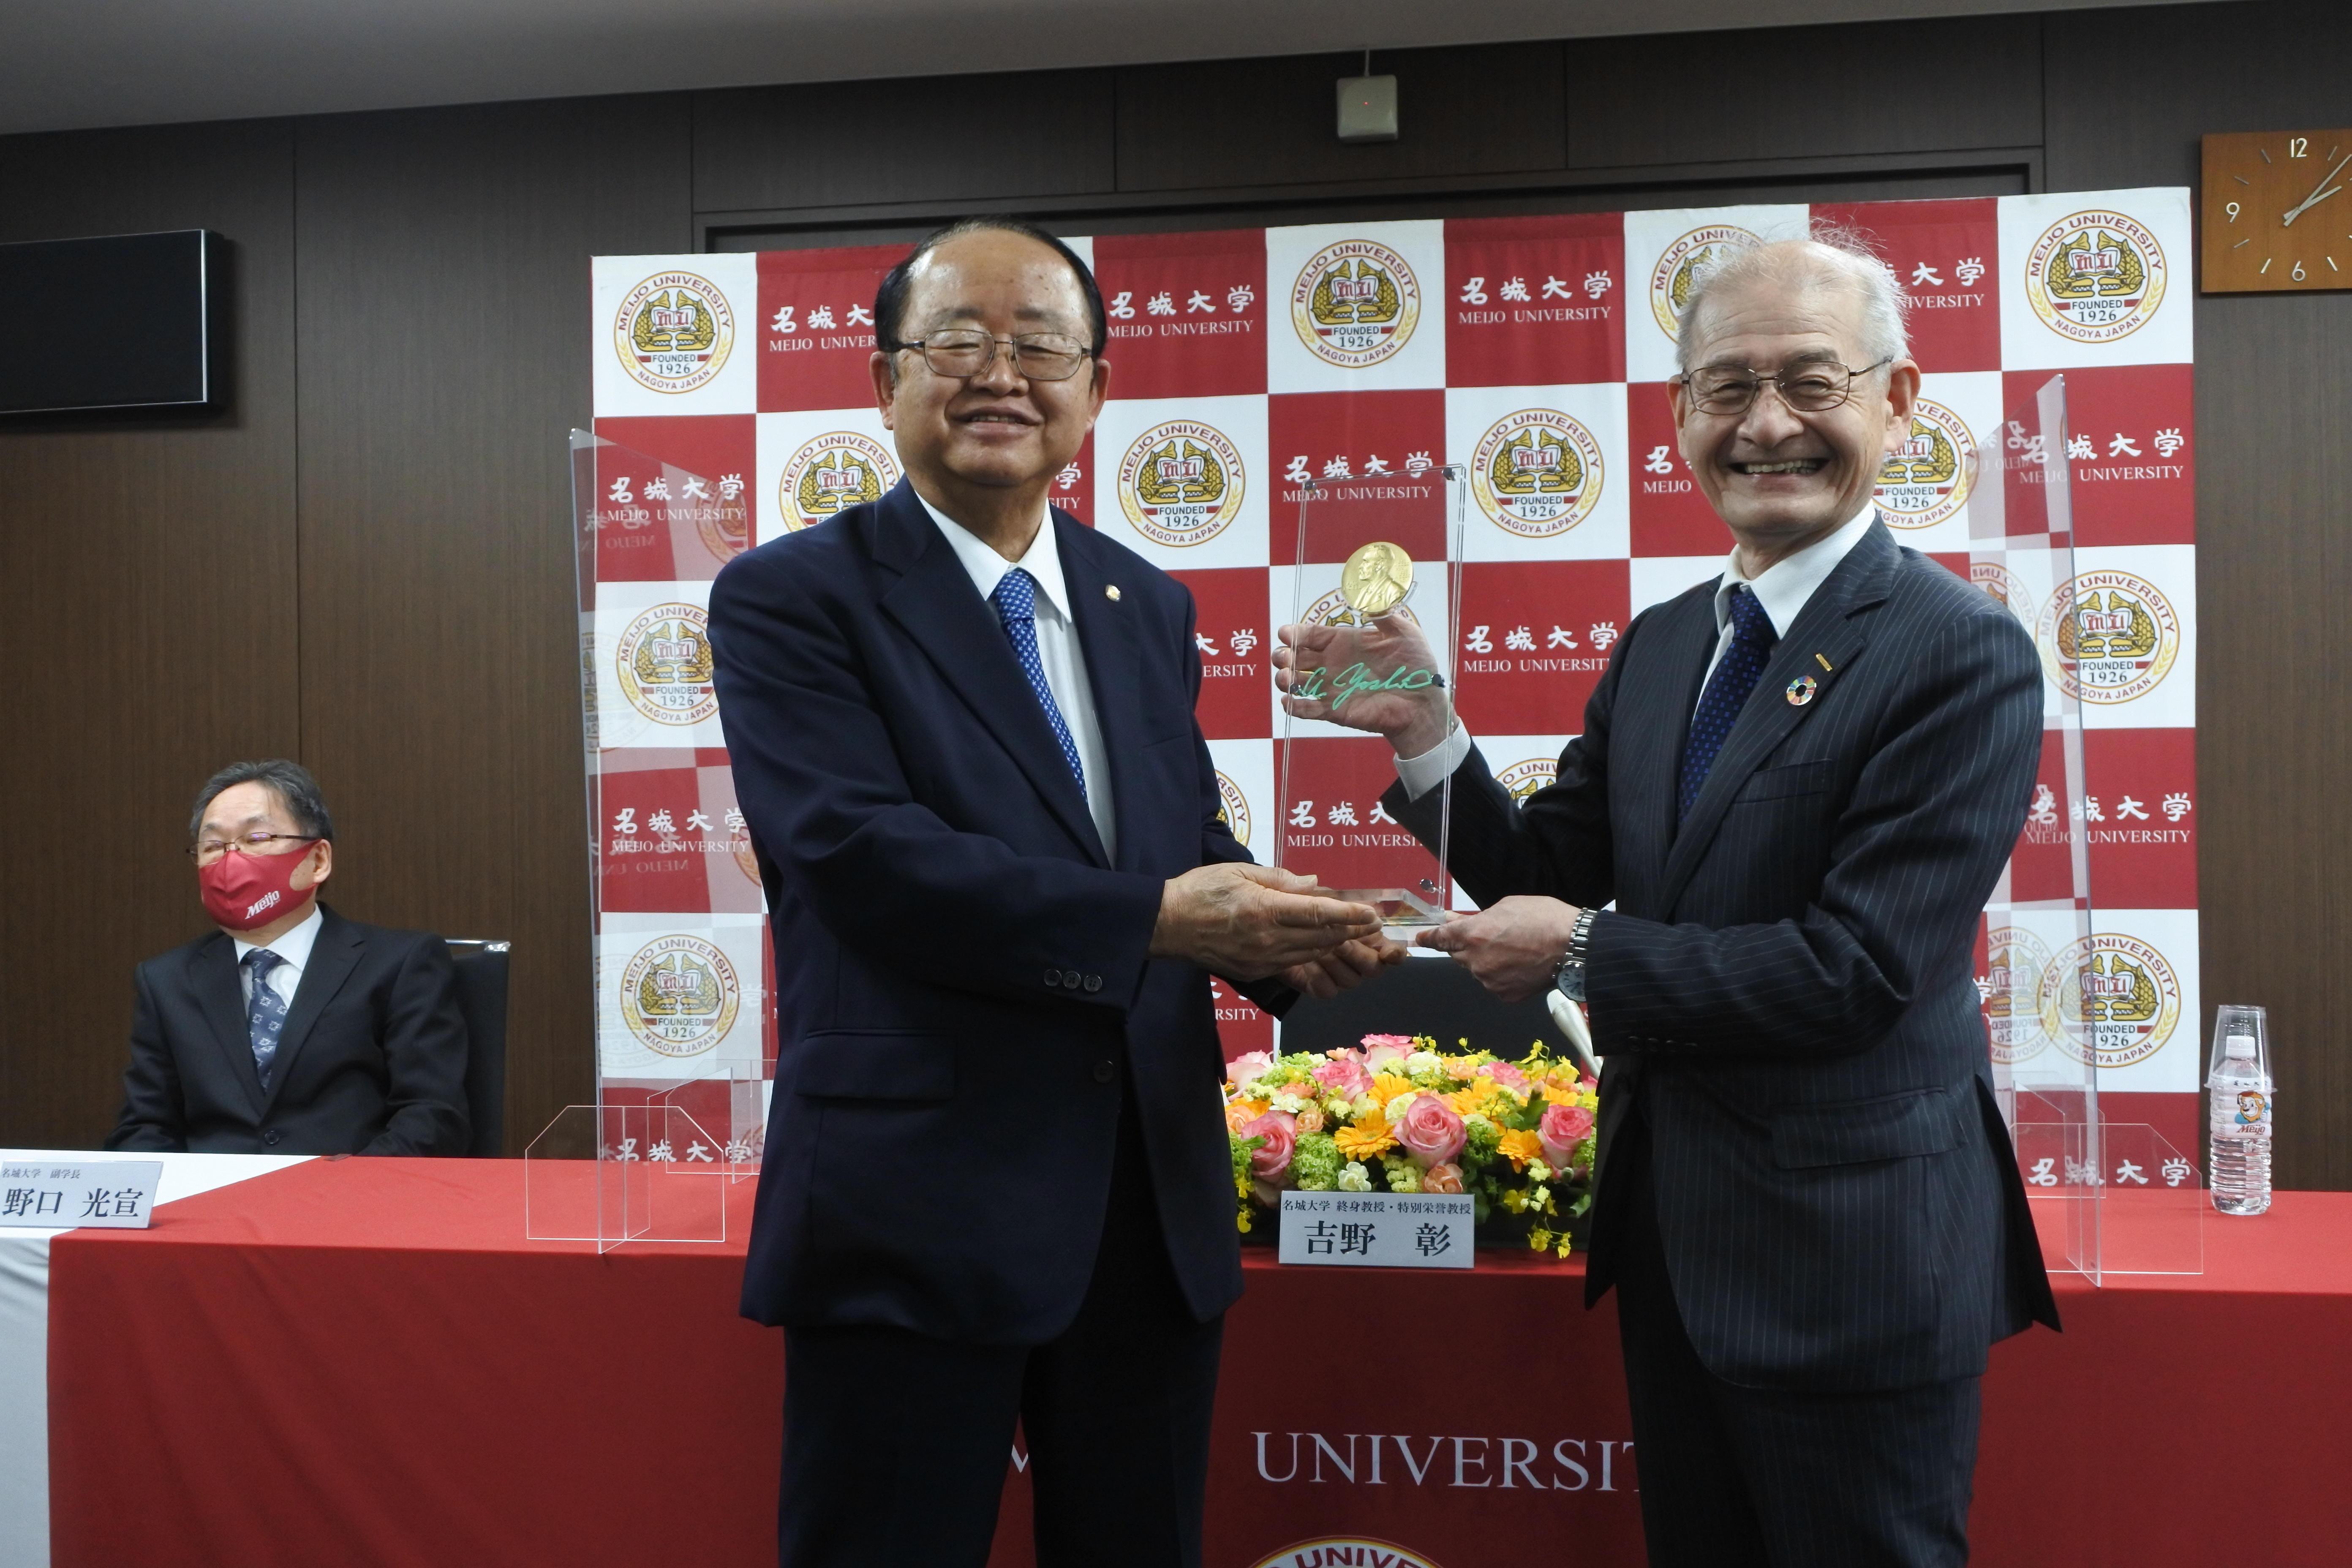 ノーベル賞メダルのレプリカを寄贈した吉野彰終身教授・特別栄誉教授(右)